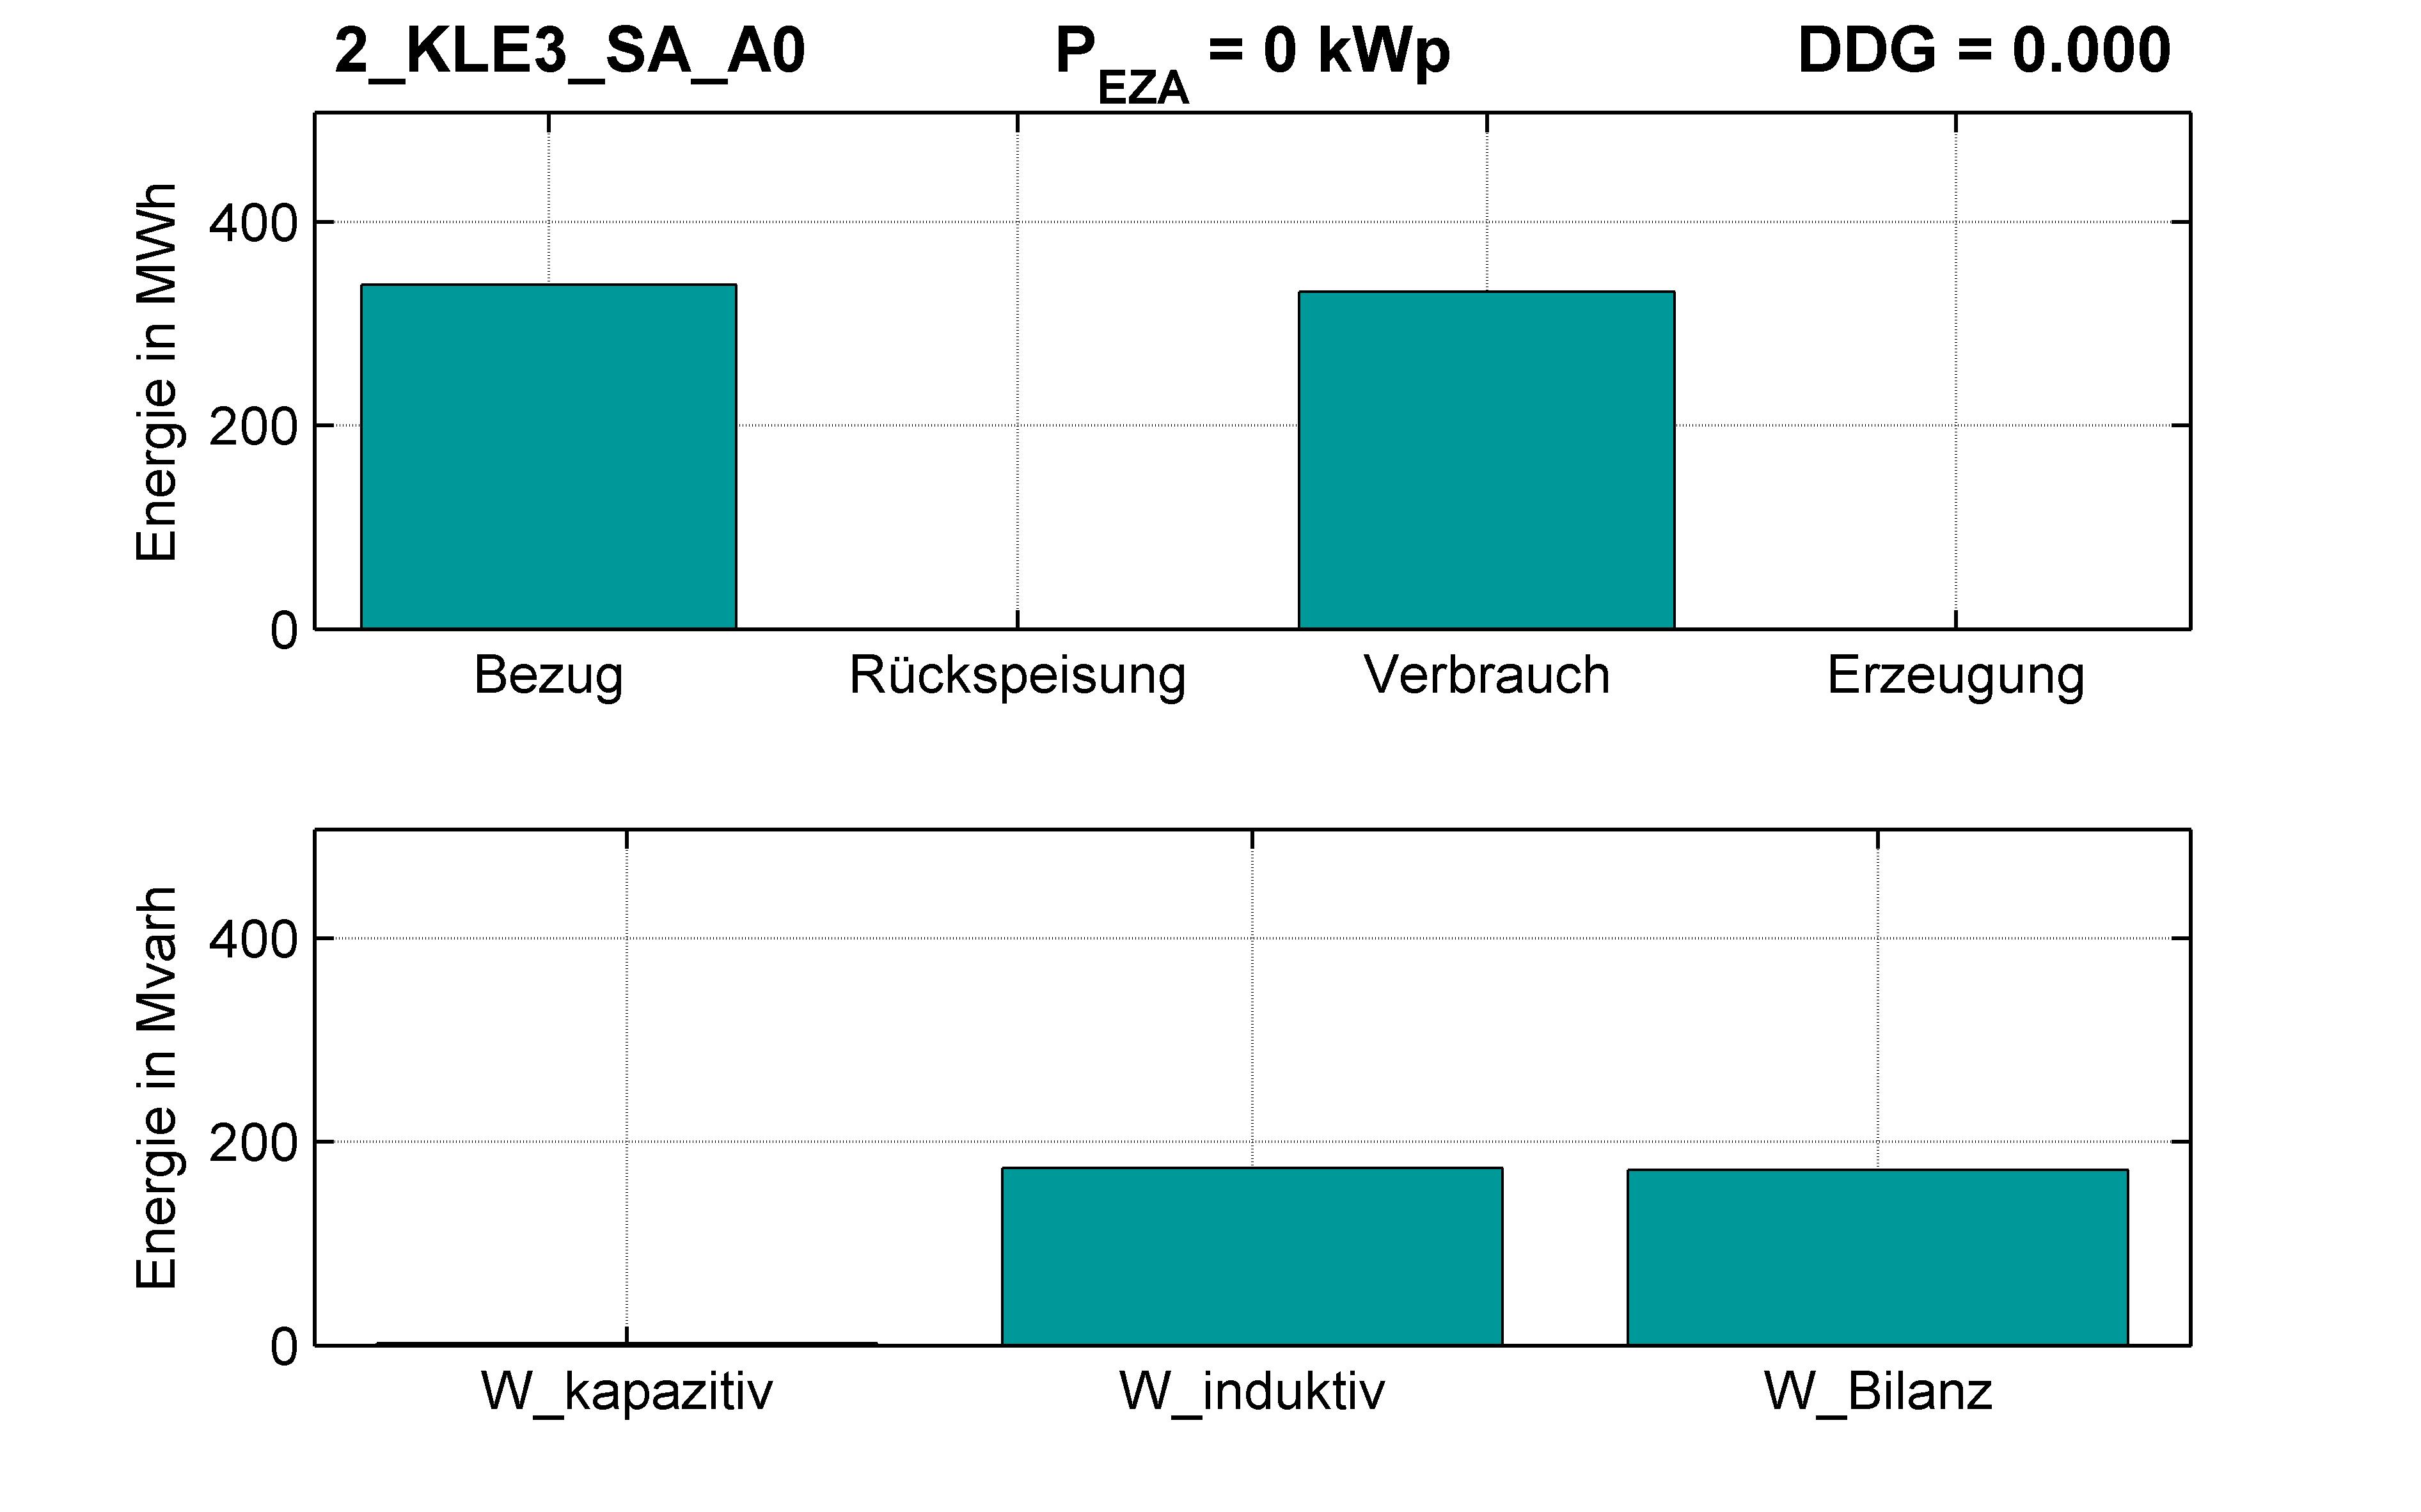 KLE3 | P-Kappung 85% (SA) A0 | PQ-Bilanz